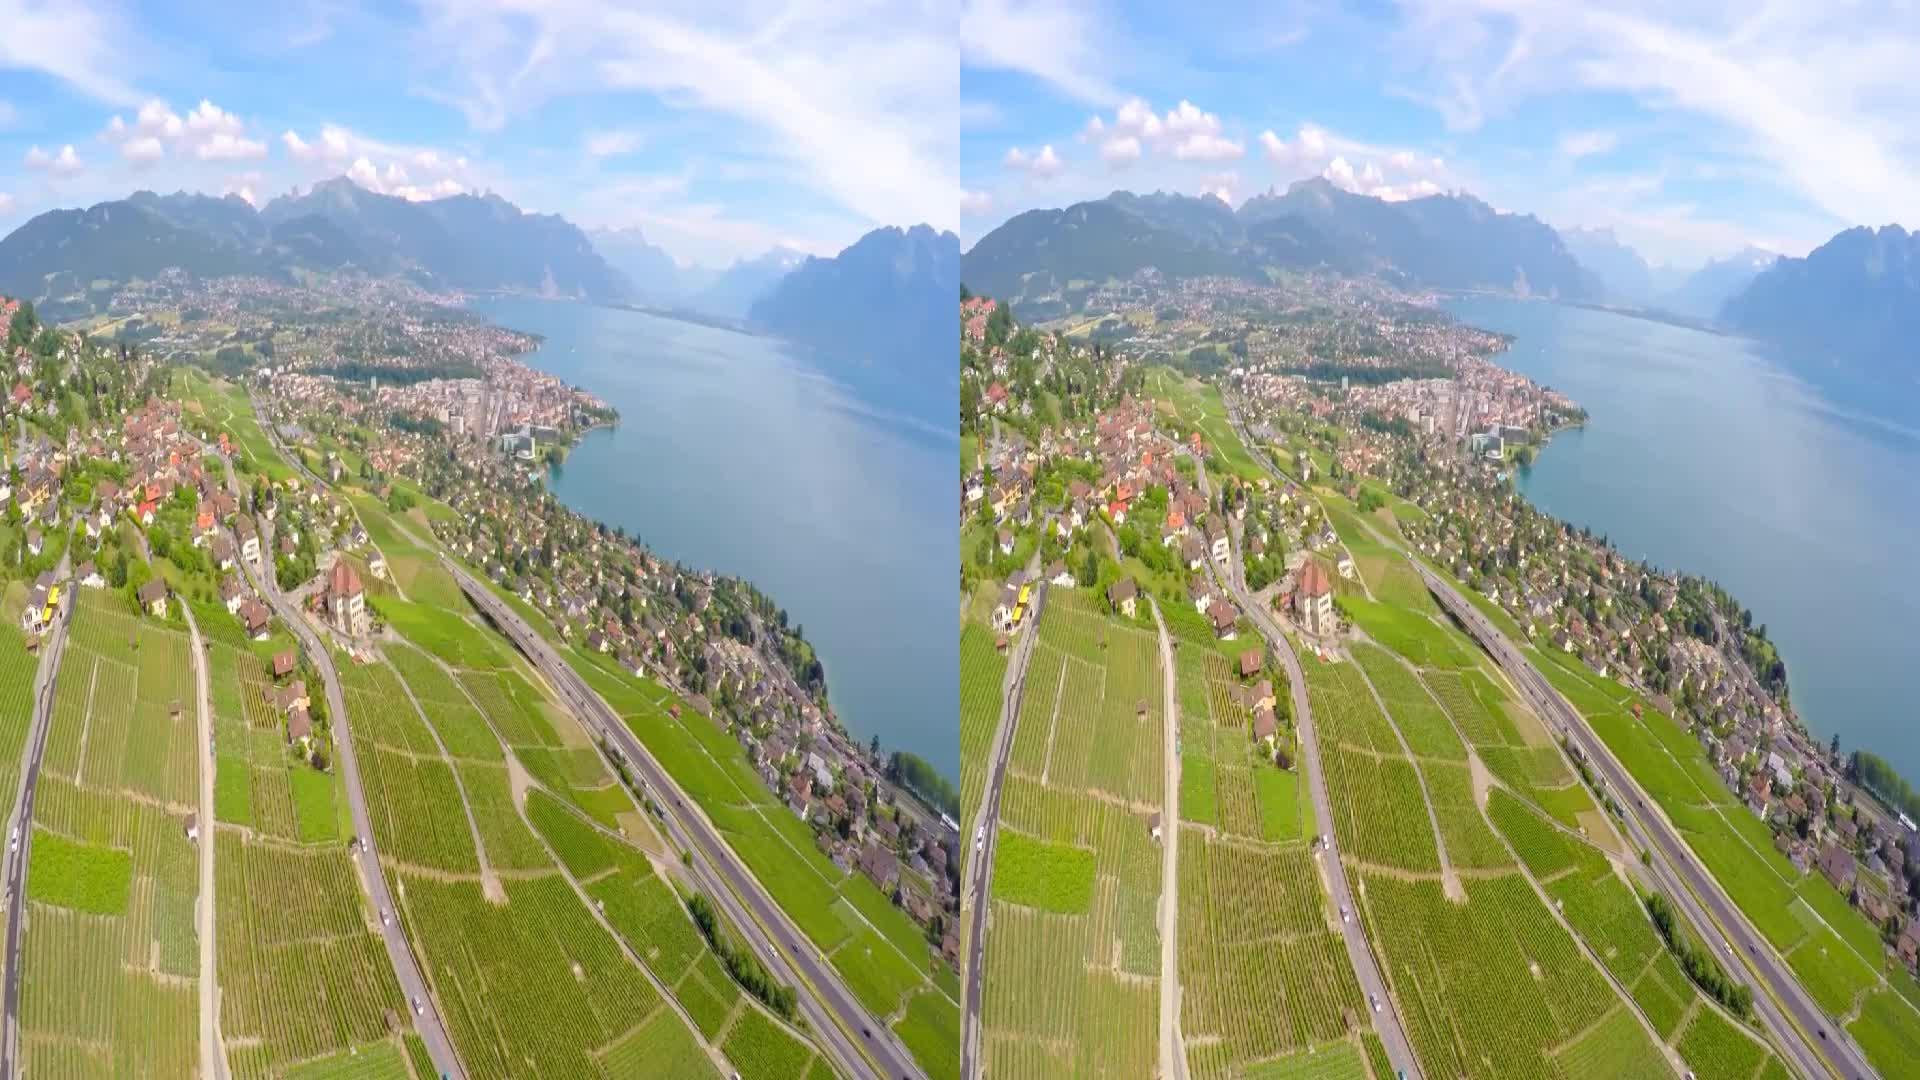 瑞士拉沃葡萄园梯田风景区3d版,vr视频虚拟和现实旅游风景